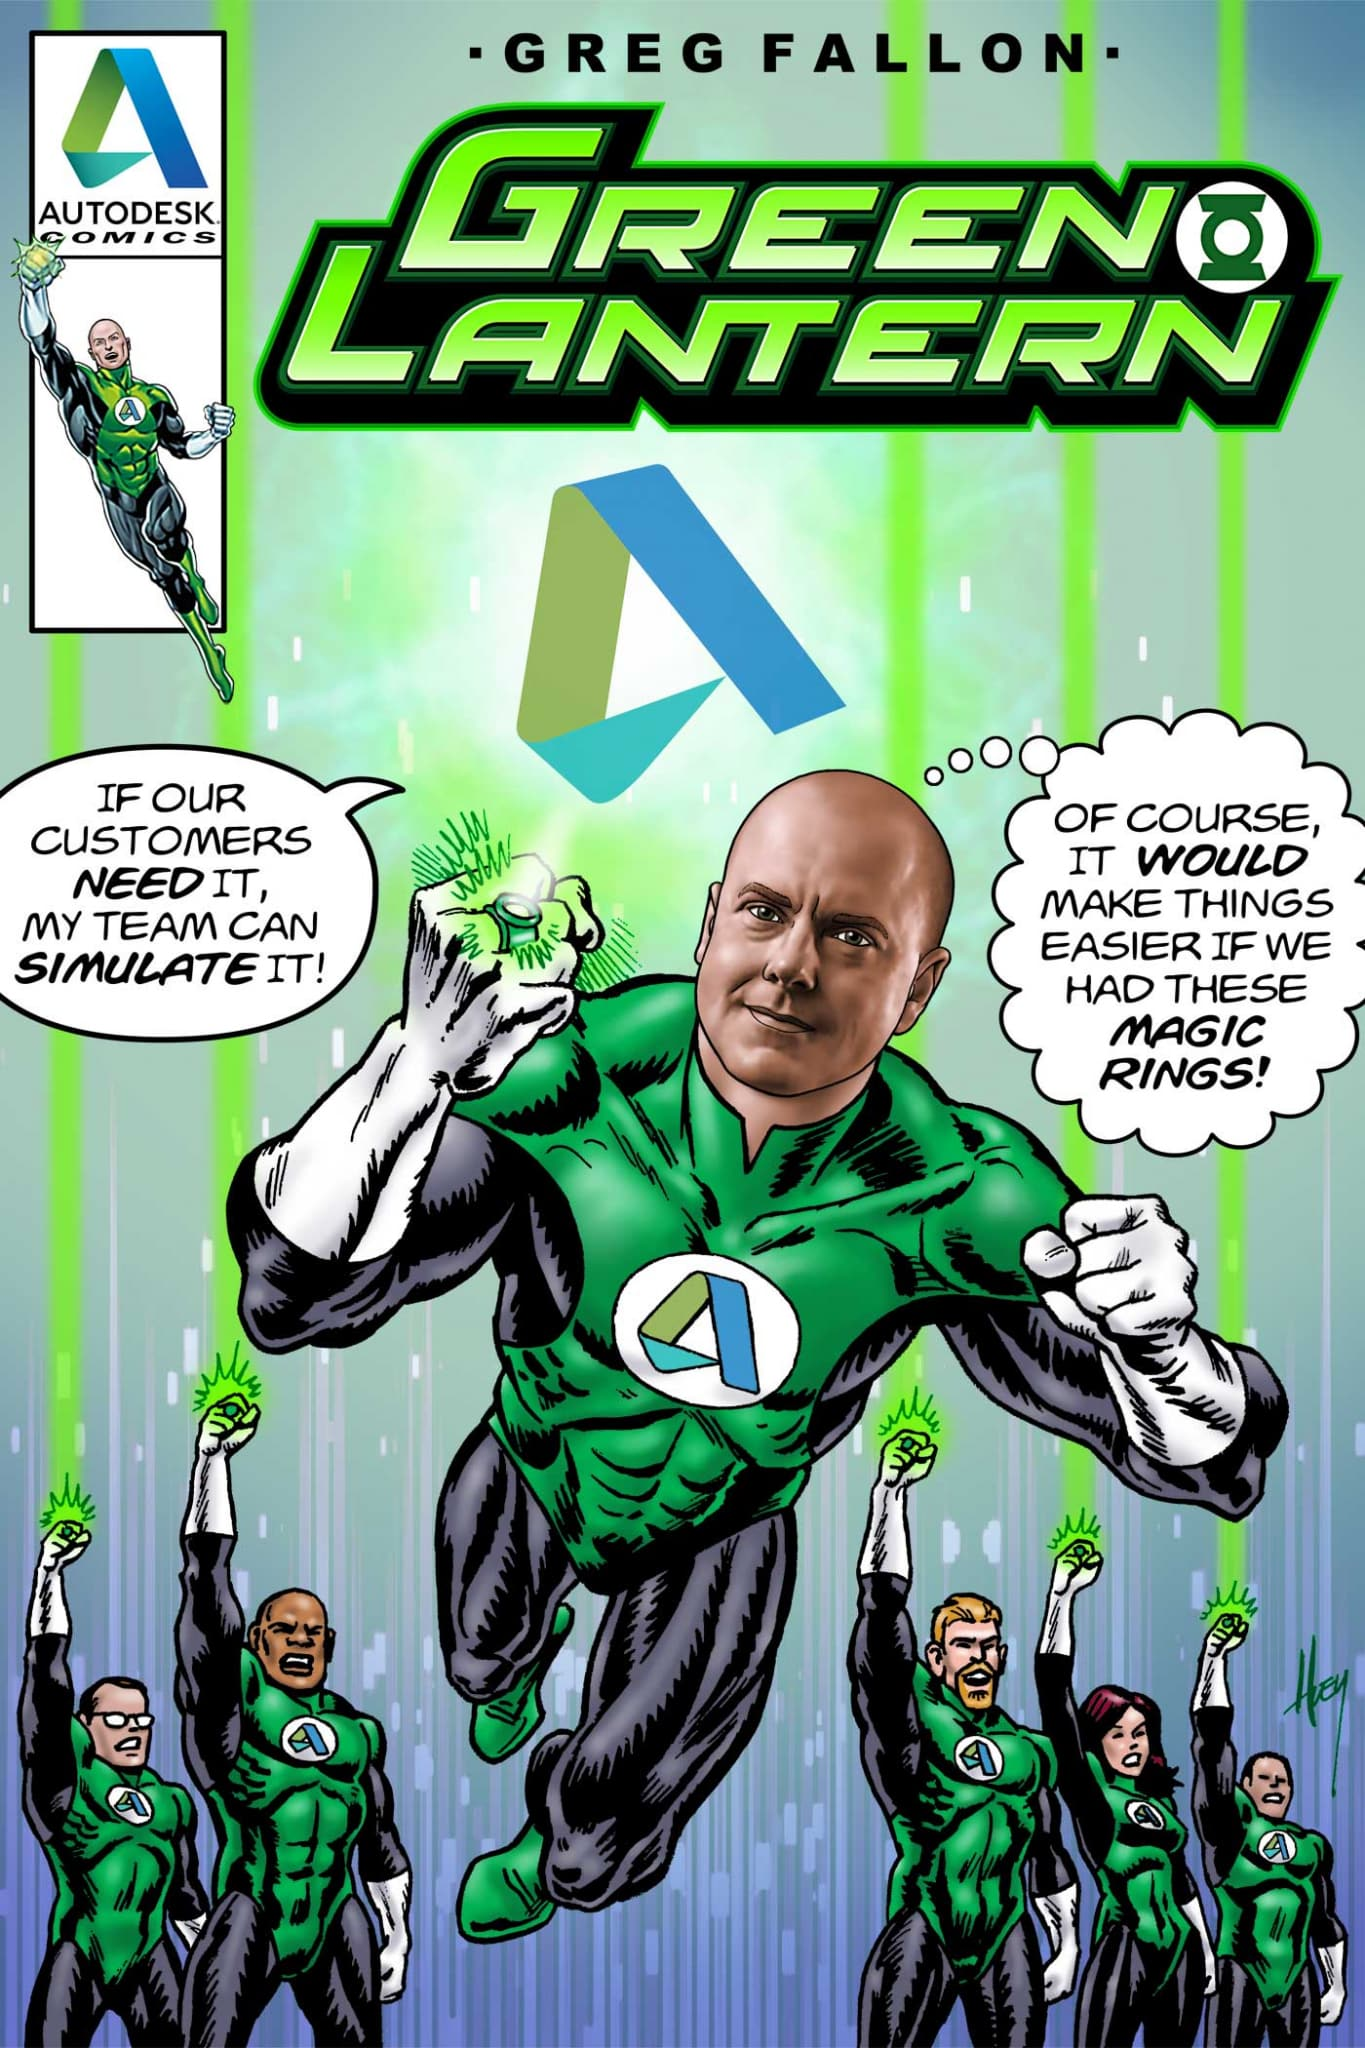 KH3432GL-green-lantern-flying-superhero-comic